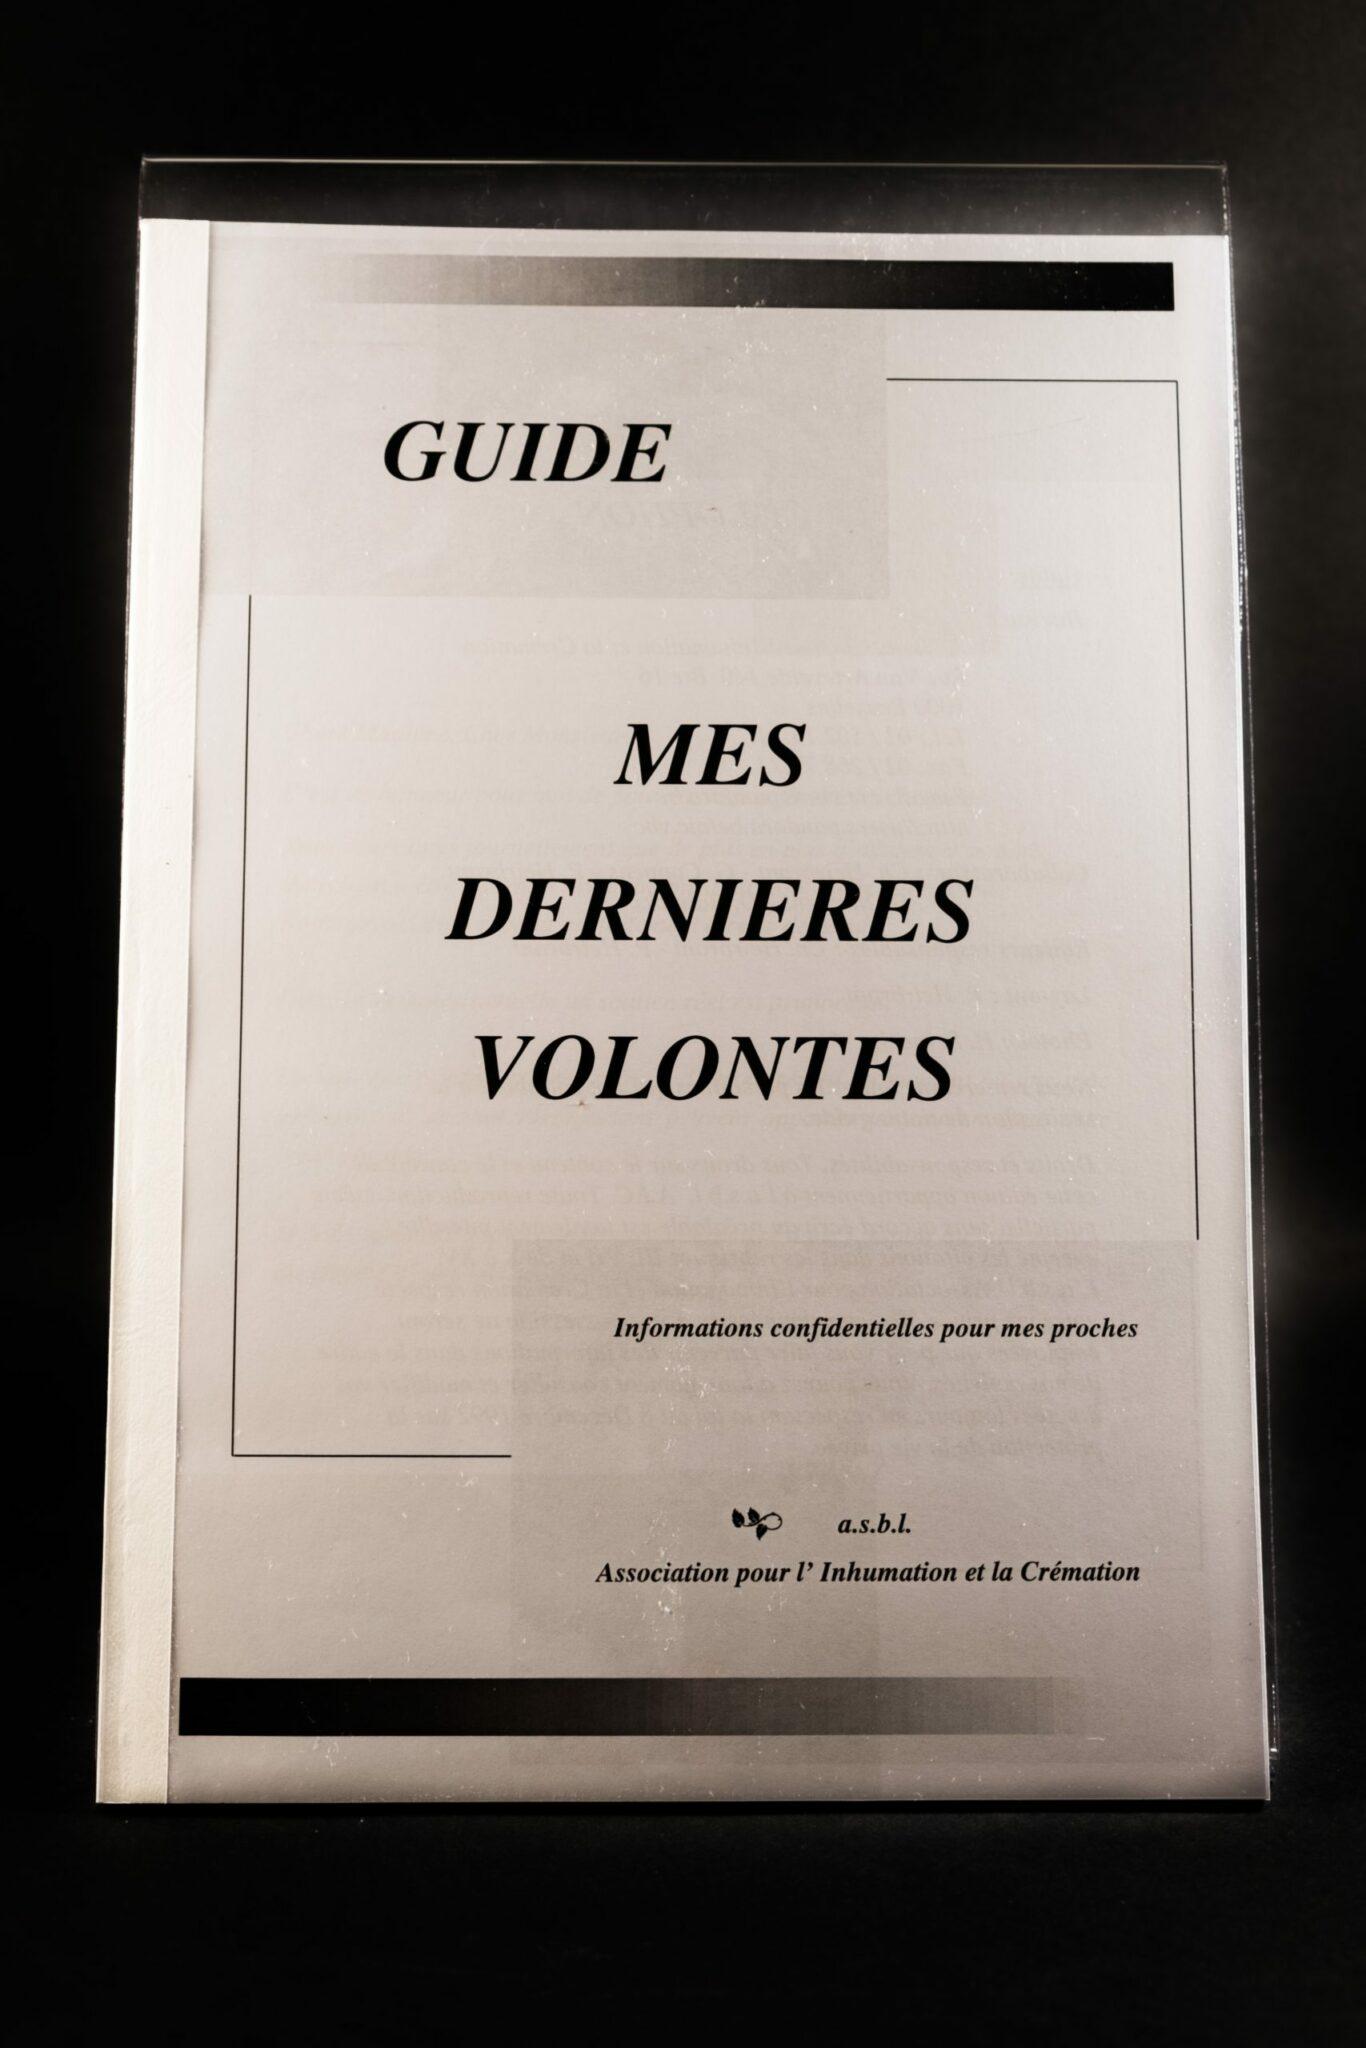 Guide Mes Dernières Volontés Heirbrant pompes funèbres